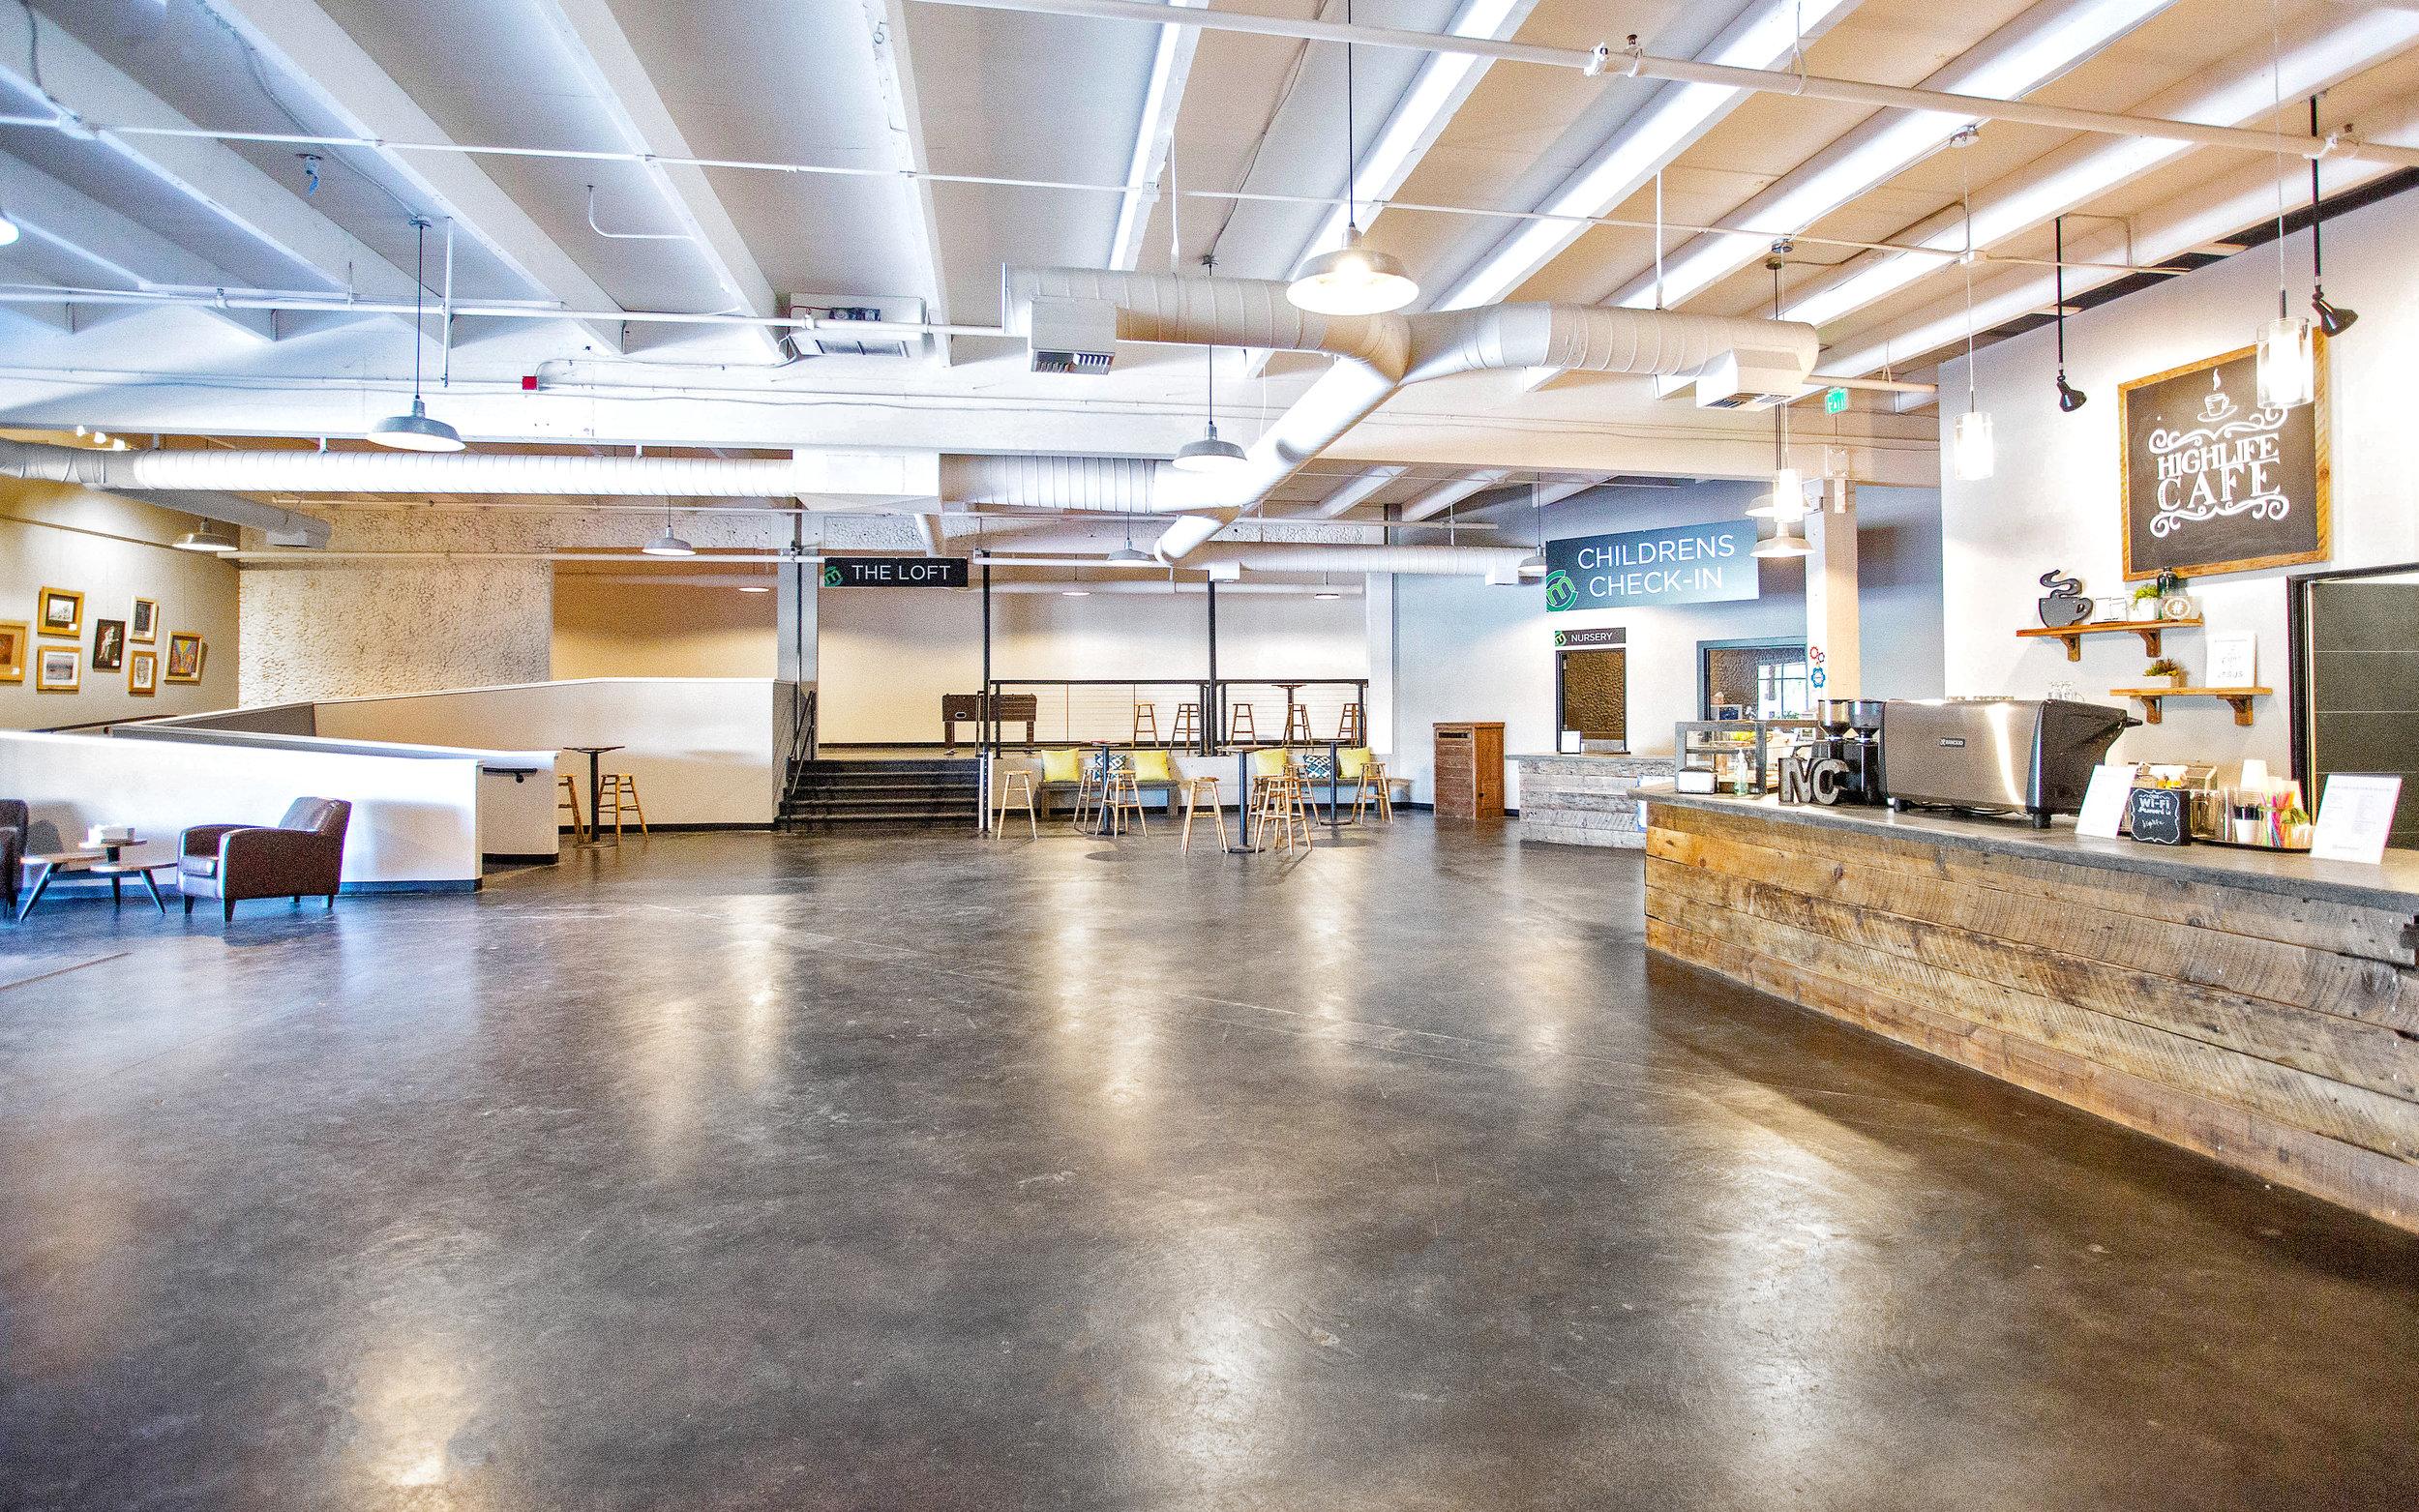 Lobby/Cafe Area